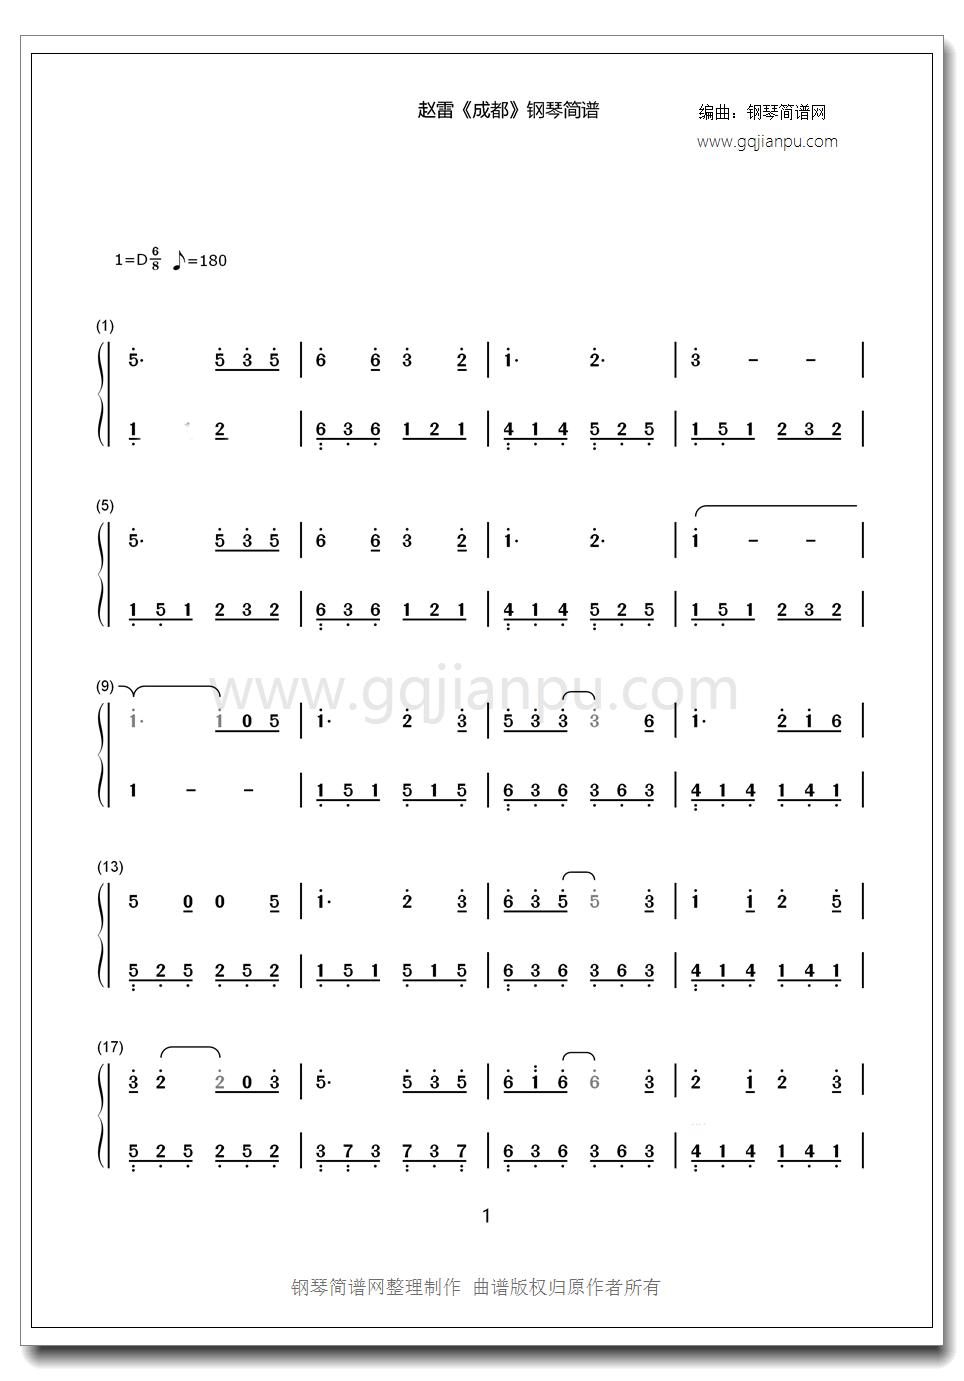 成都的钢琴简谱全部图片